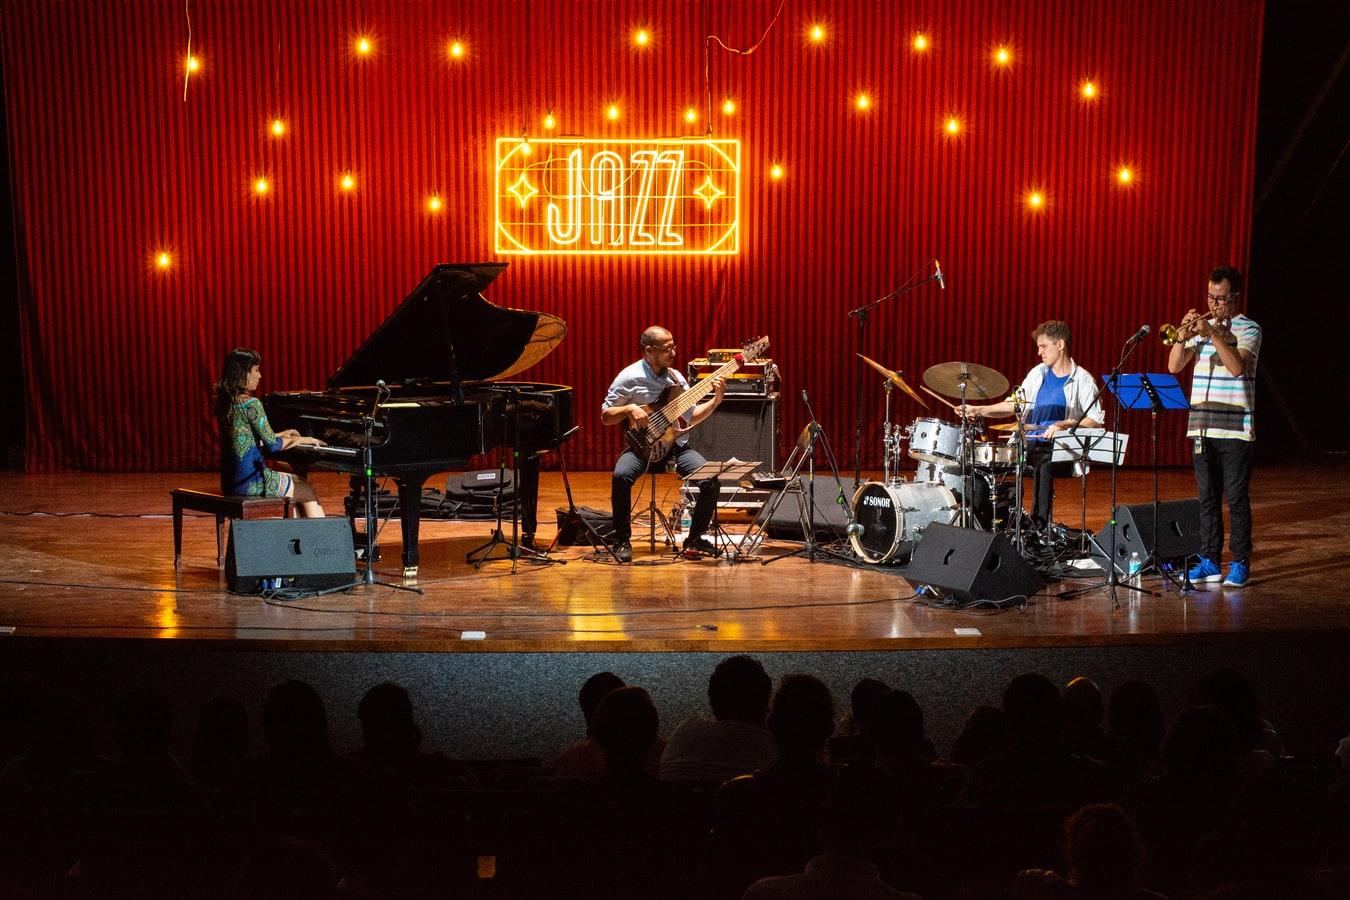 Le Jazz, un style différent : La guitare un de ses instruments